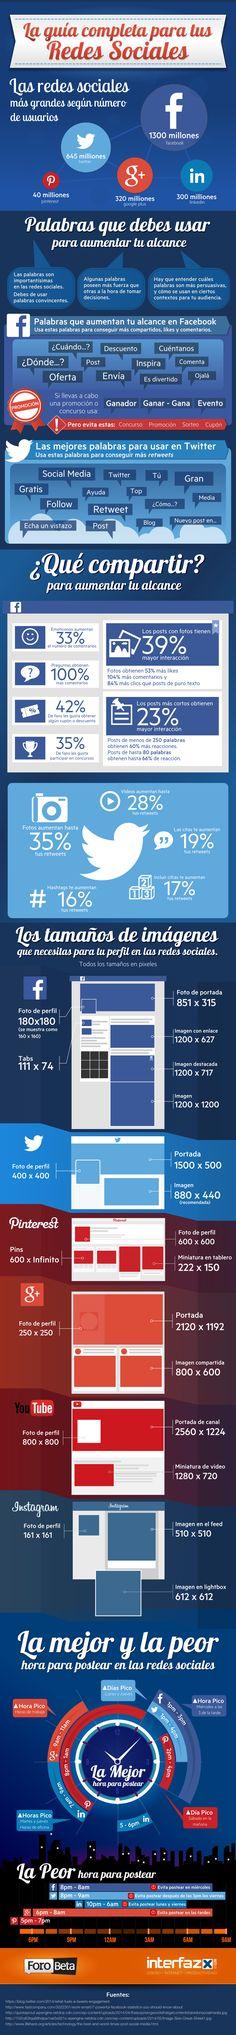 #Infografia Guía completa para tus #RedesSociales #TAVnews